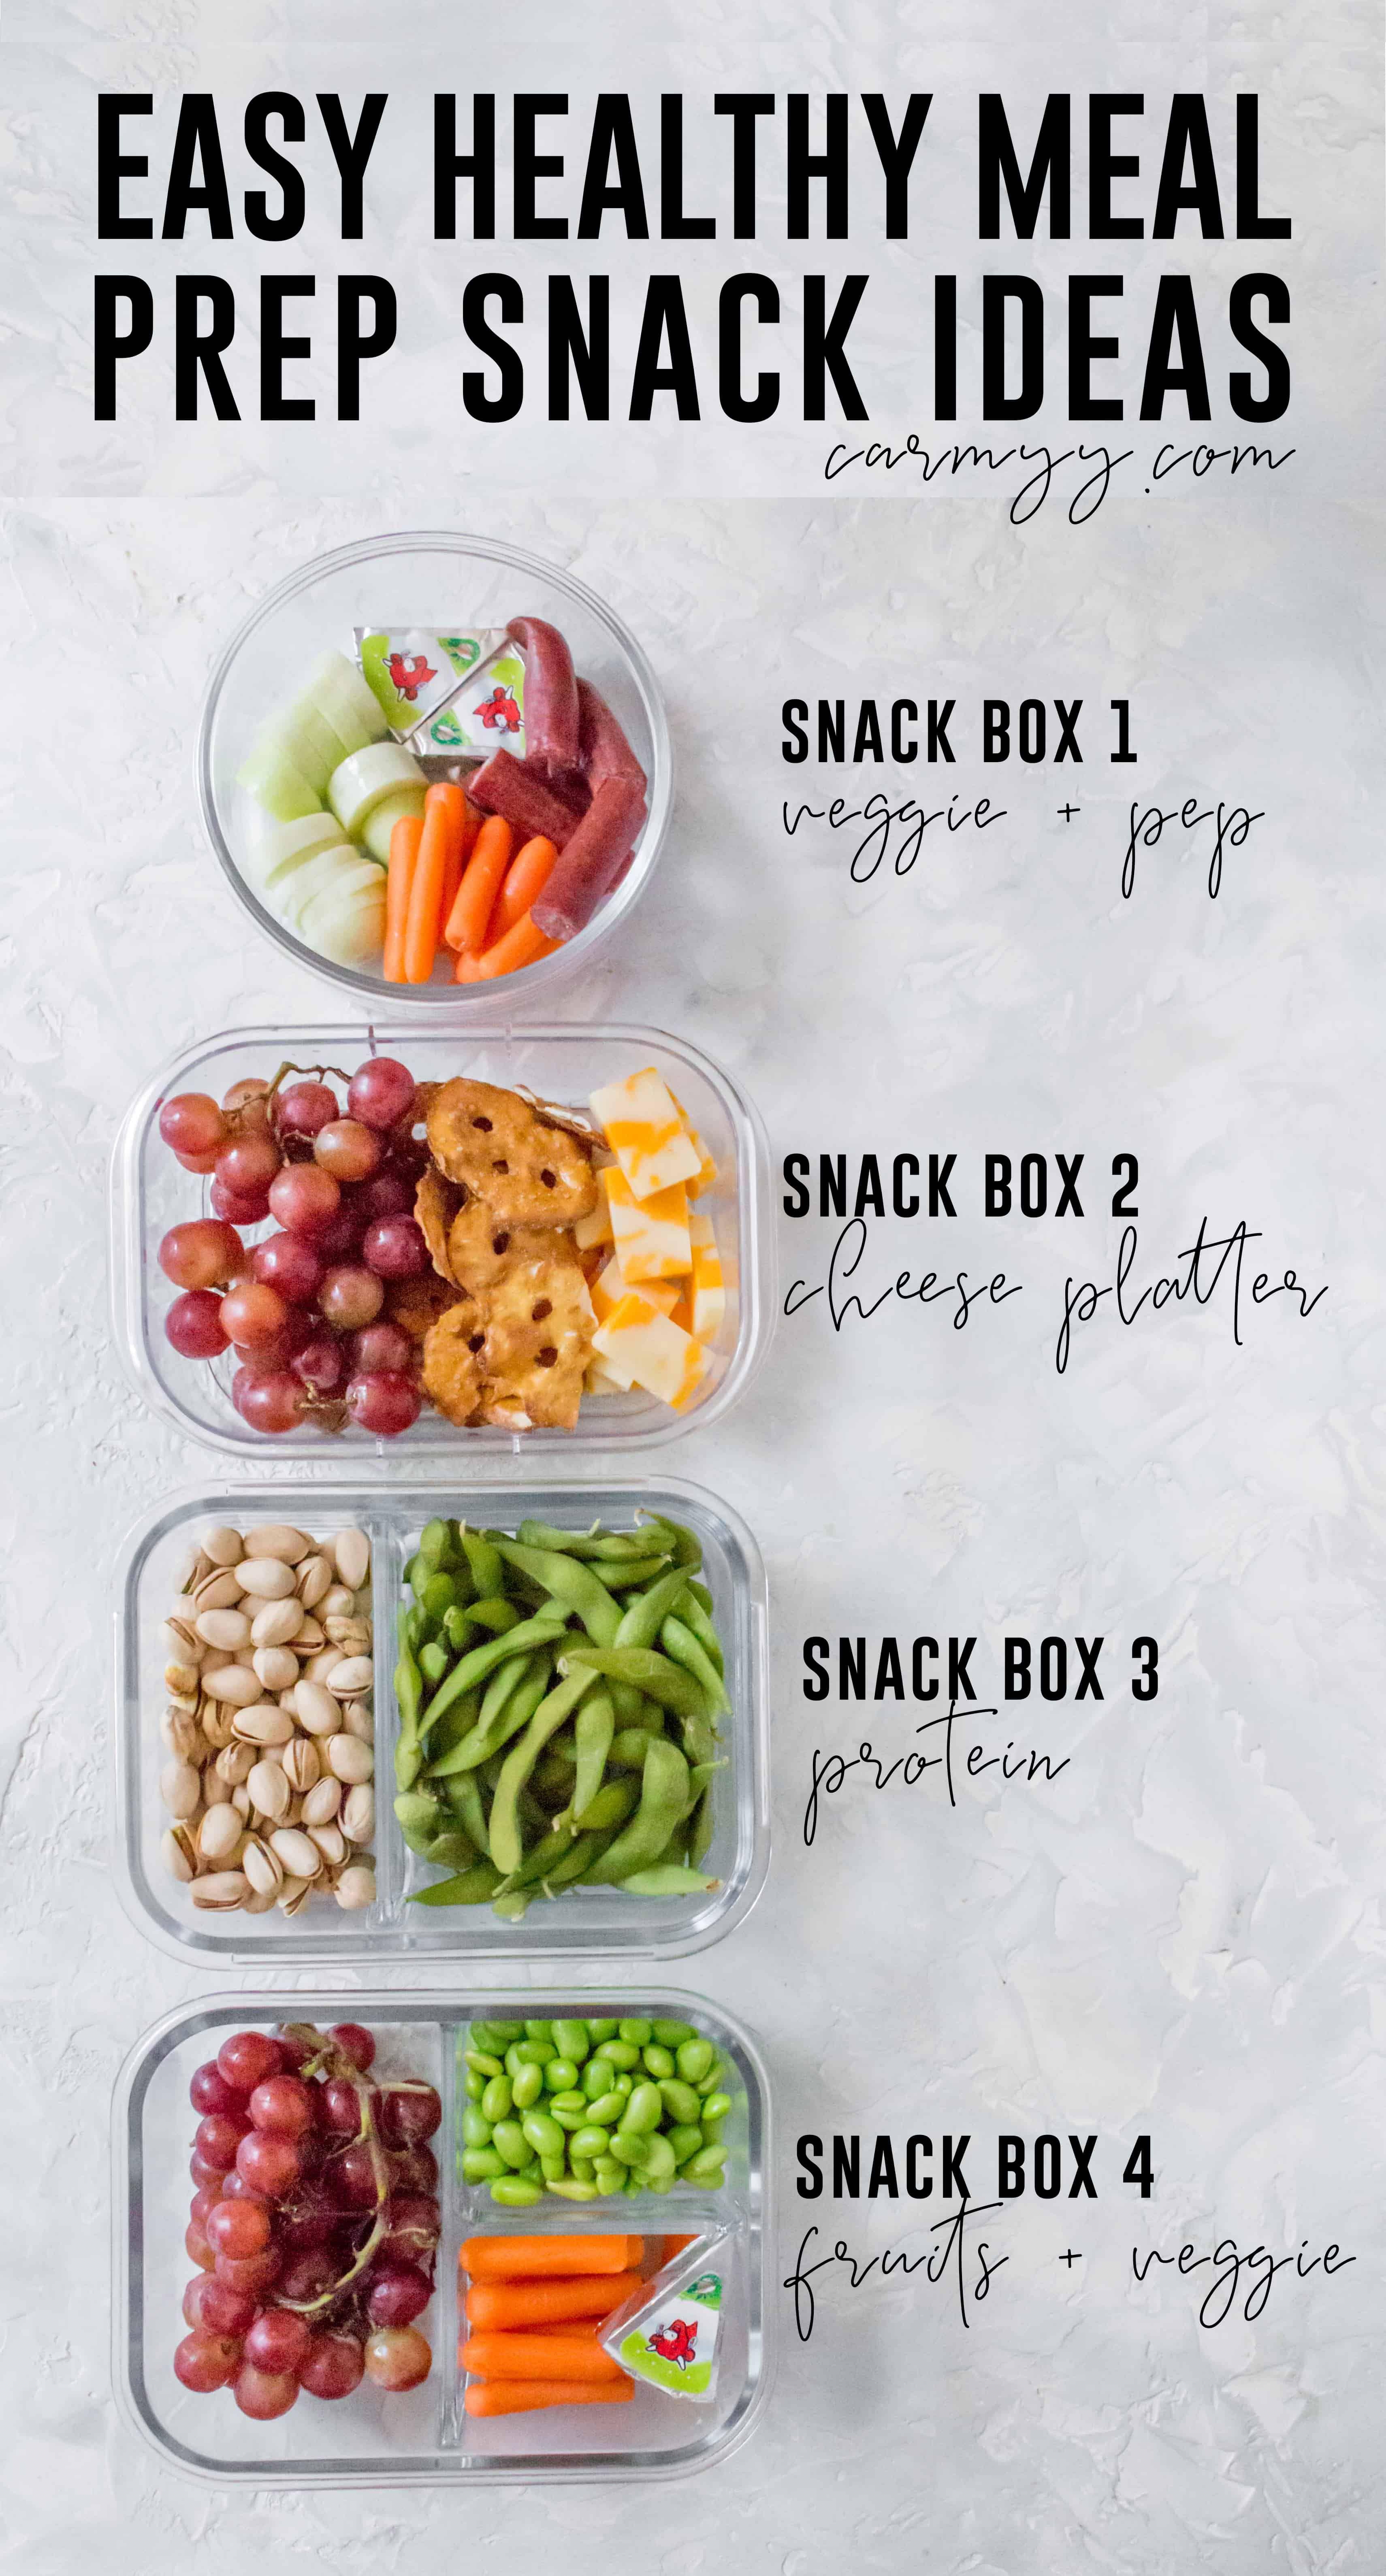 Healthy Meal Prep Snack Ideas Recipe Easy healthy meal